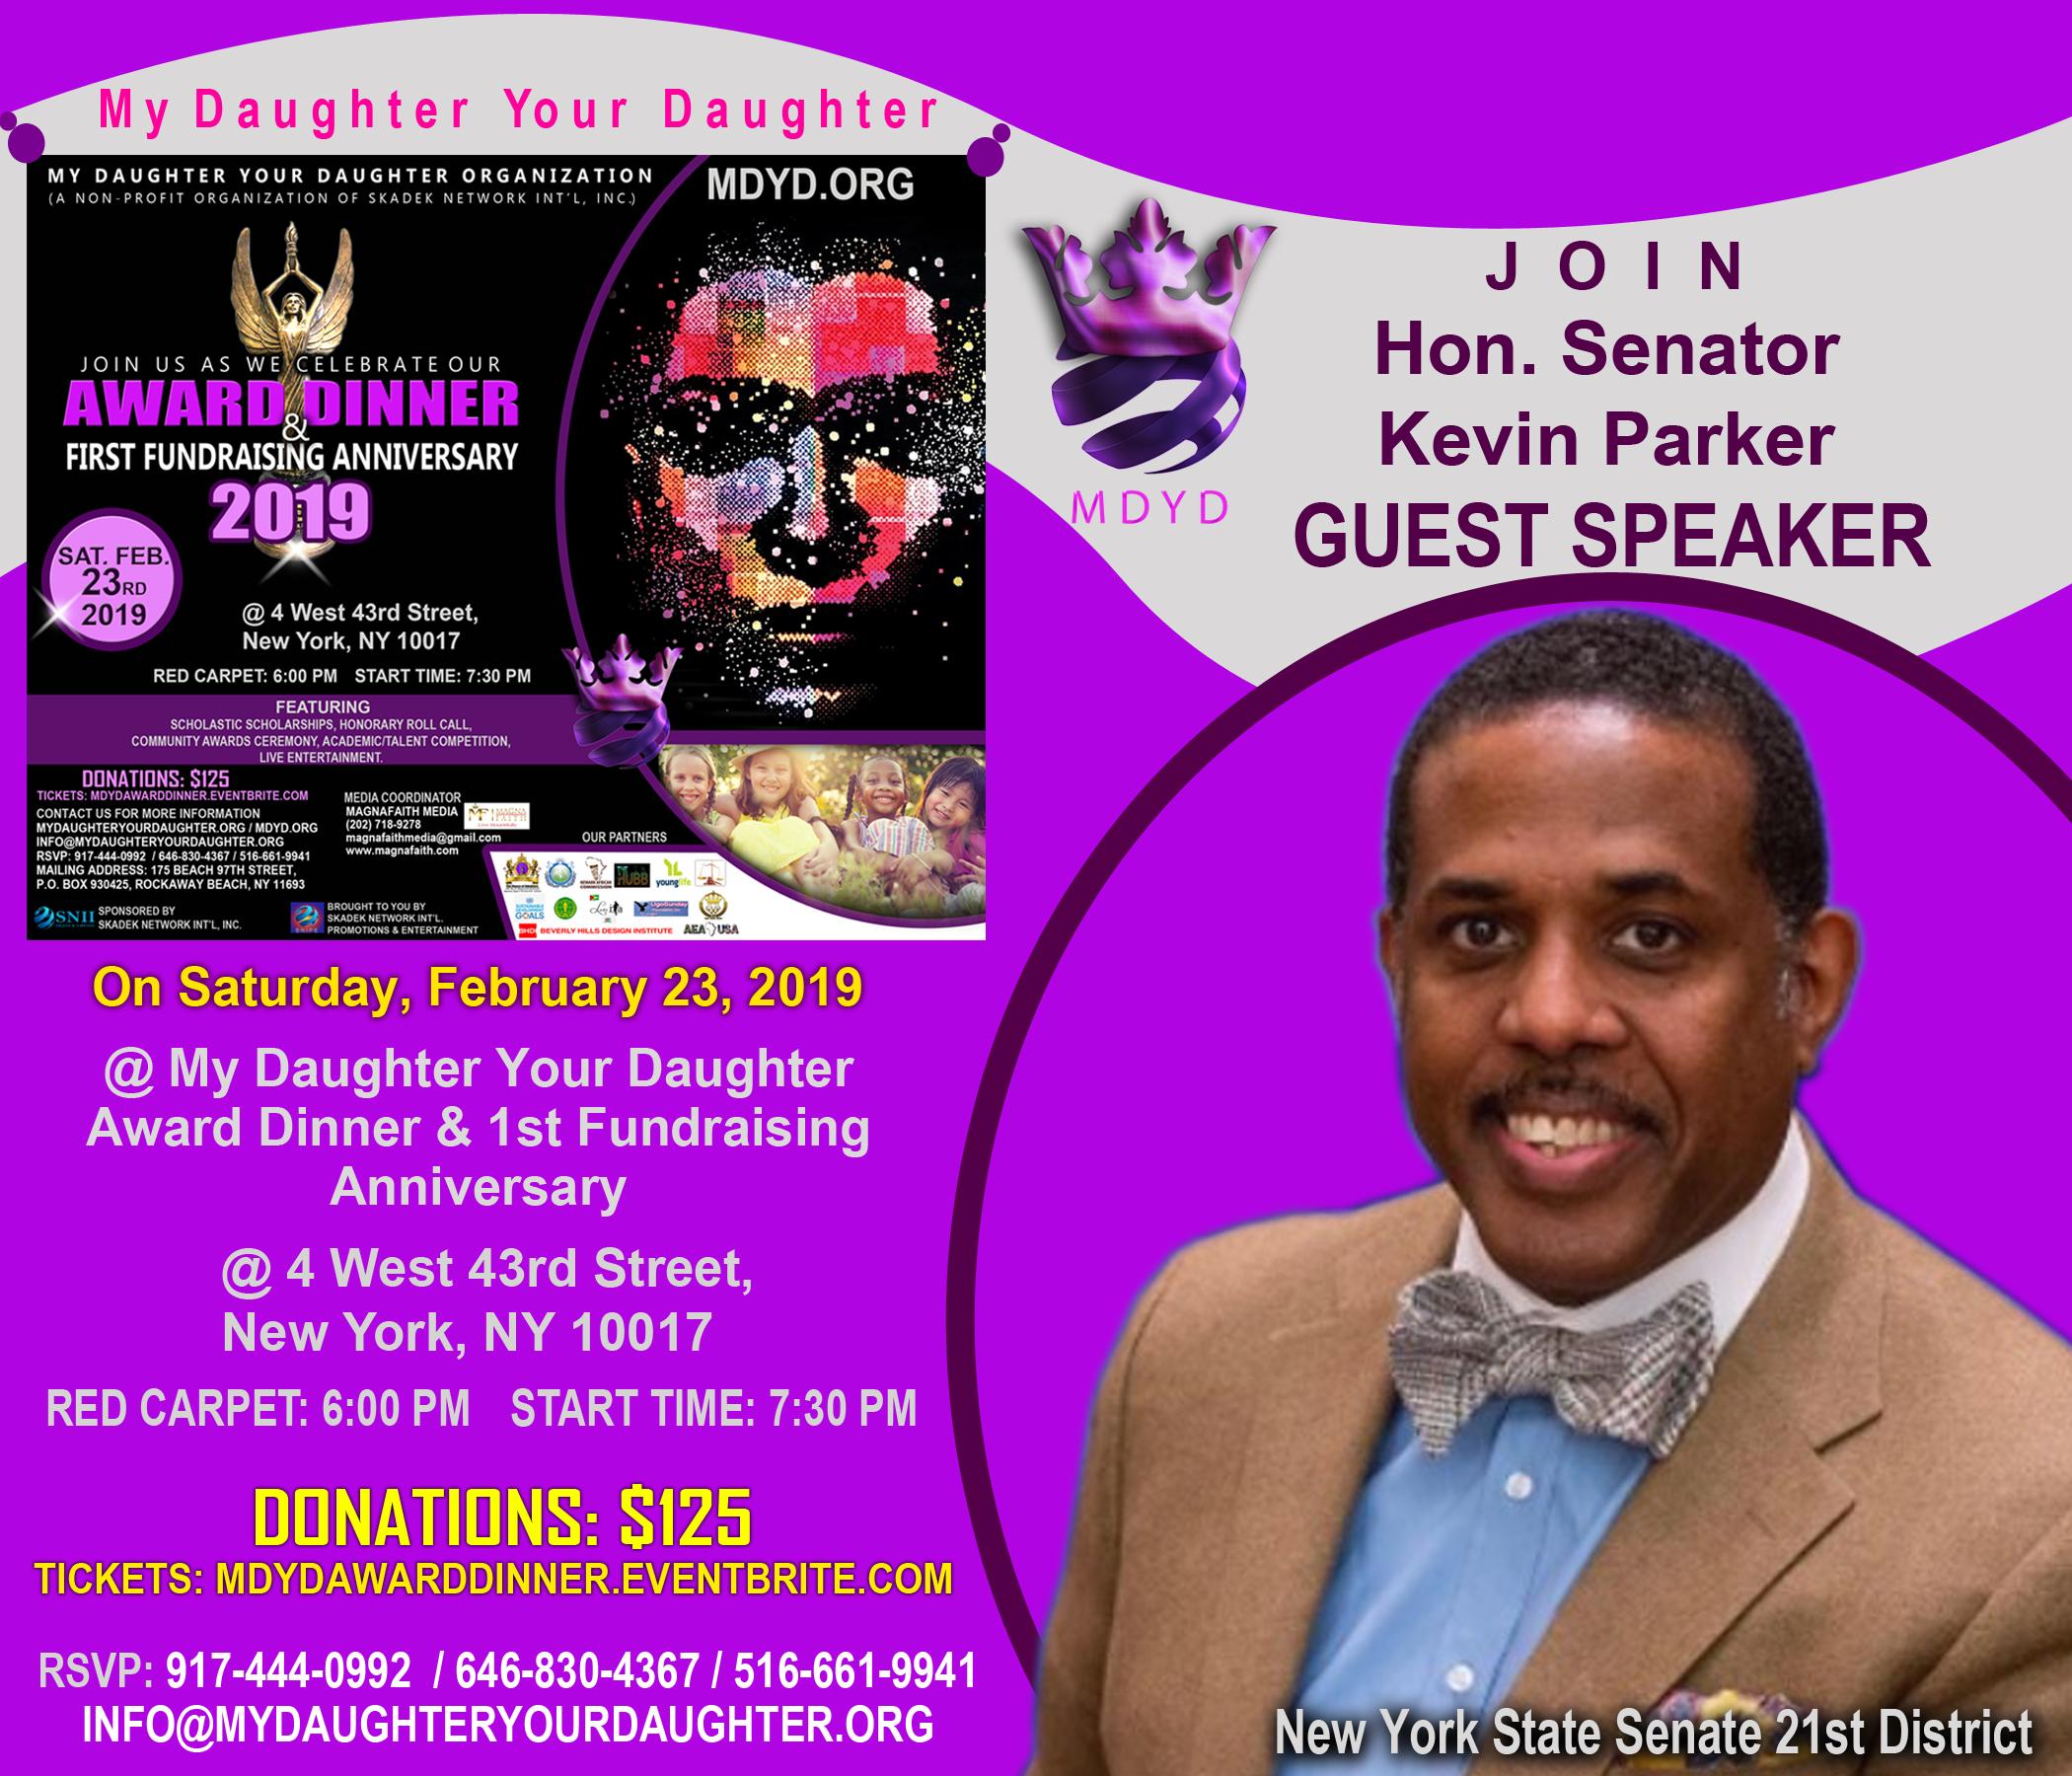 MDYD Promo Card - Hon. Senator Kevin Parker